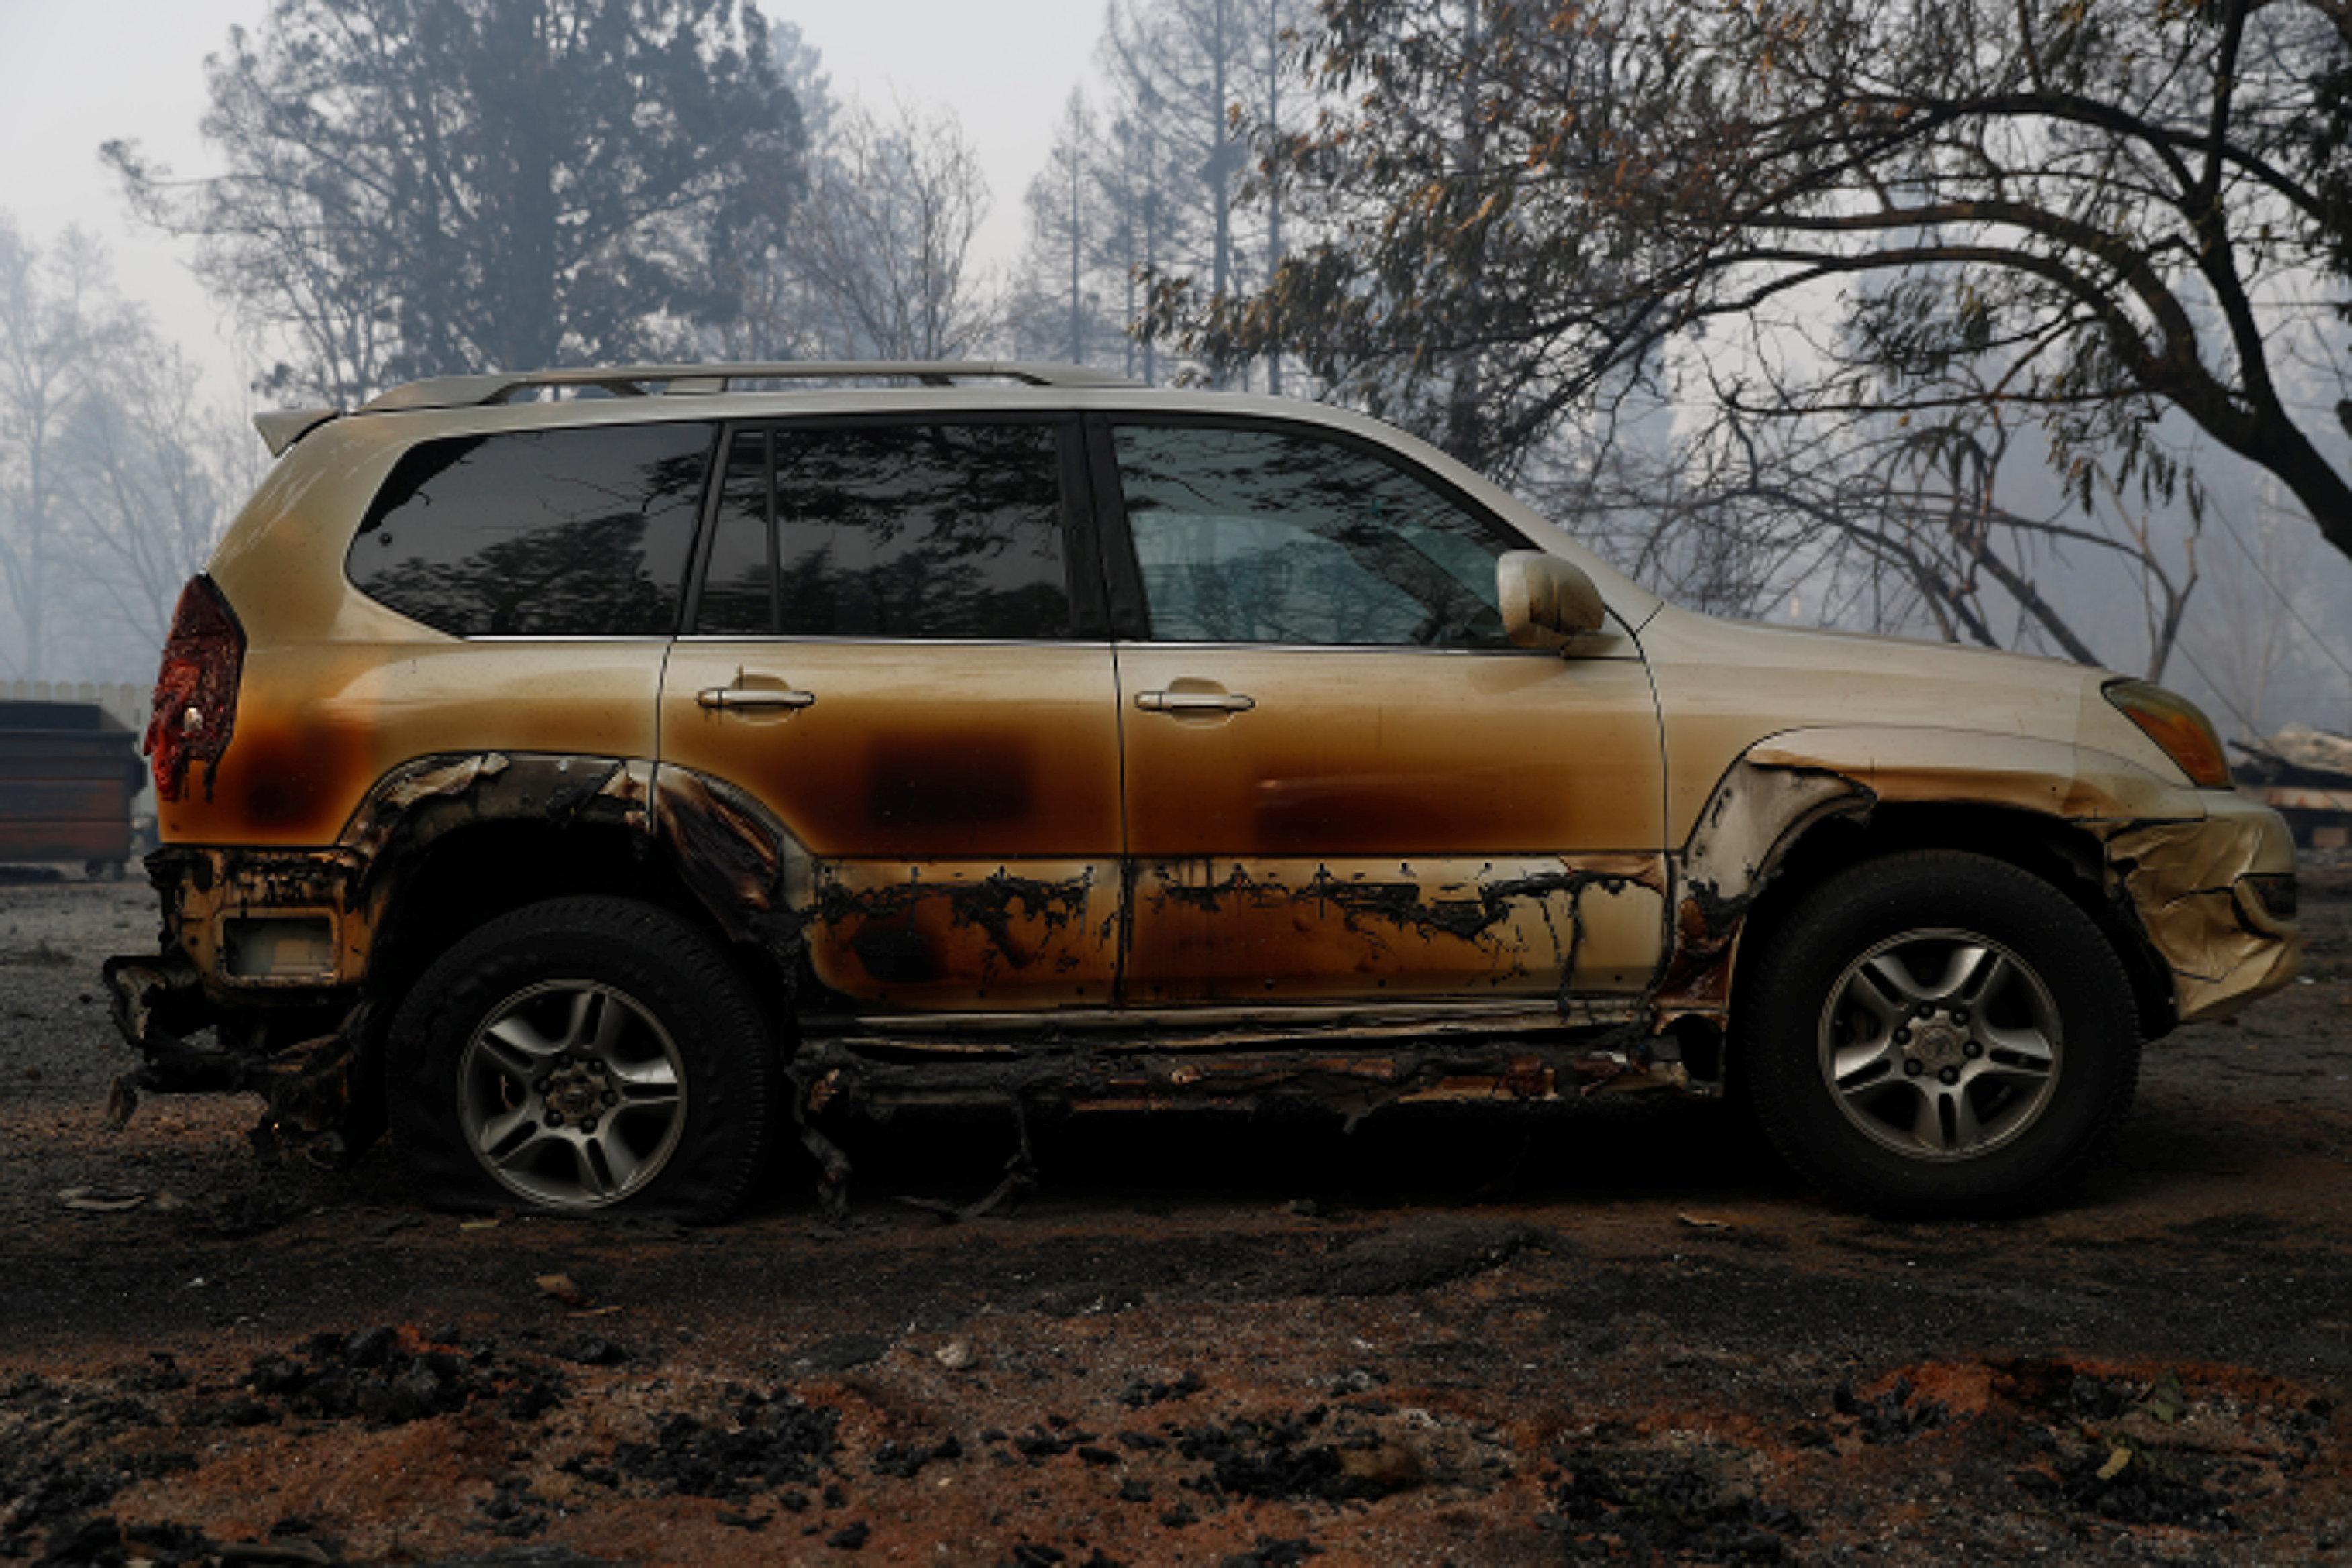 pyrini-kolasi-stin-kalifornia-25-nekroi-amp-8211-anypologistes-katastrofes-fotografies4